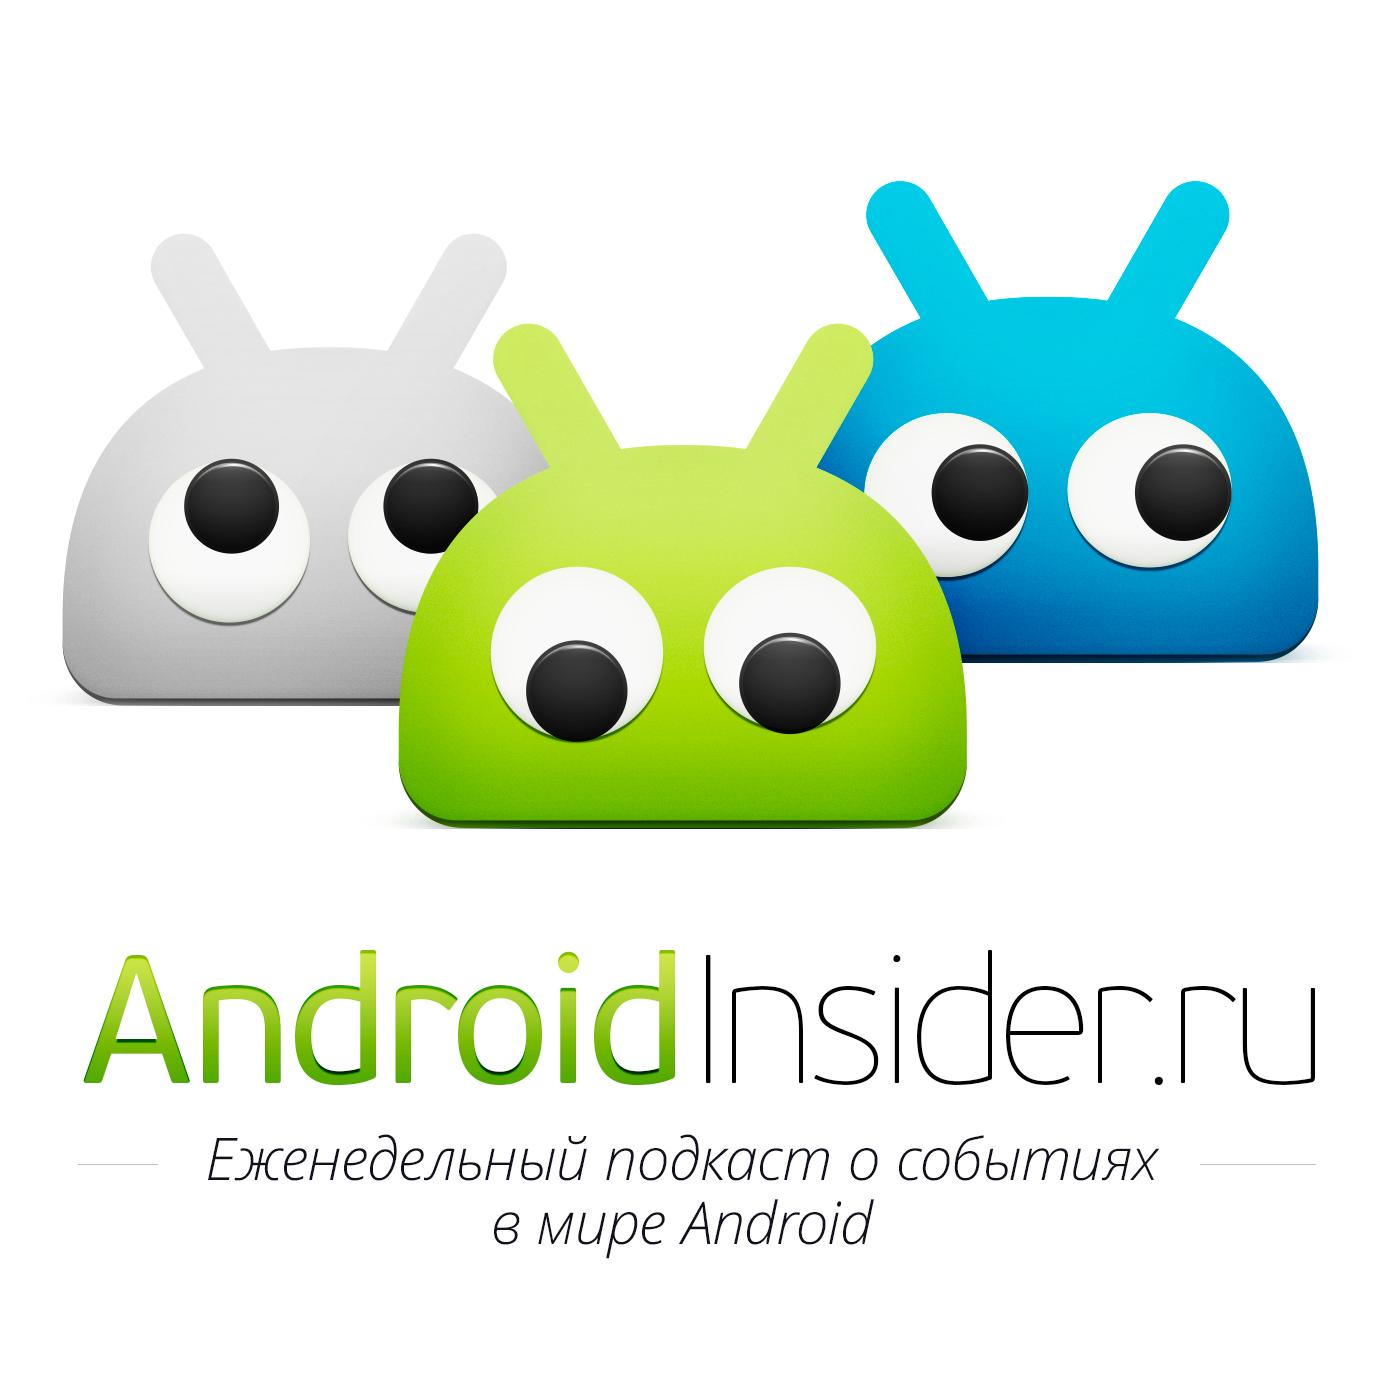 Илья Ильин Пилотный выпуск подкаста AndroidInsider.ru htc one m9